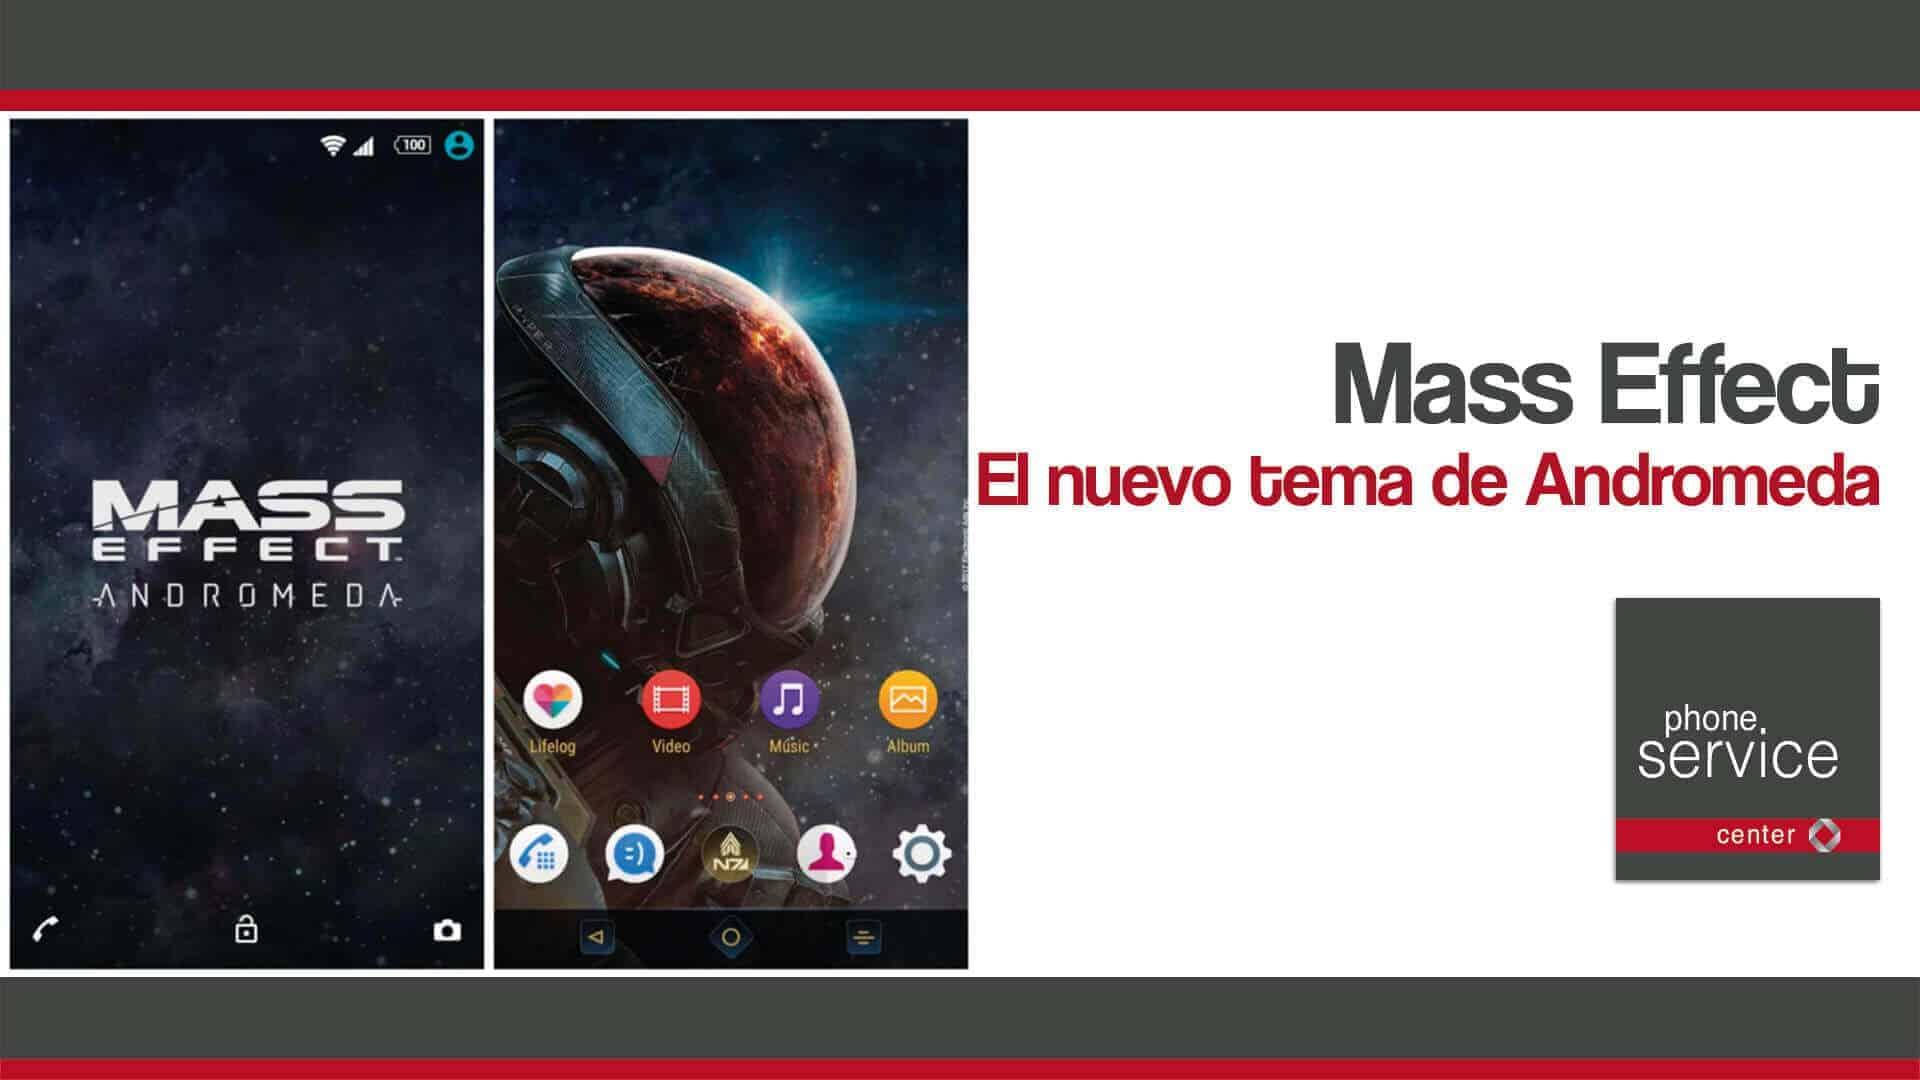 Mass Effect el nuevo tema de Andromeda